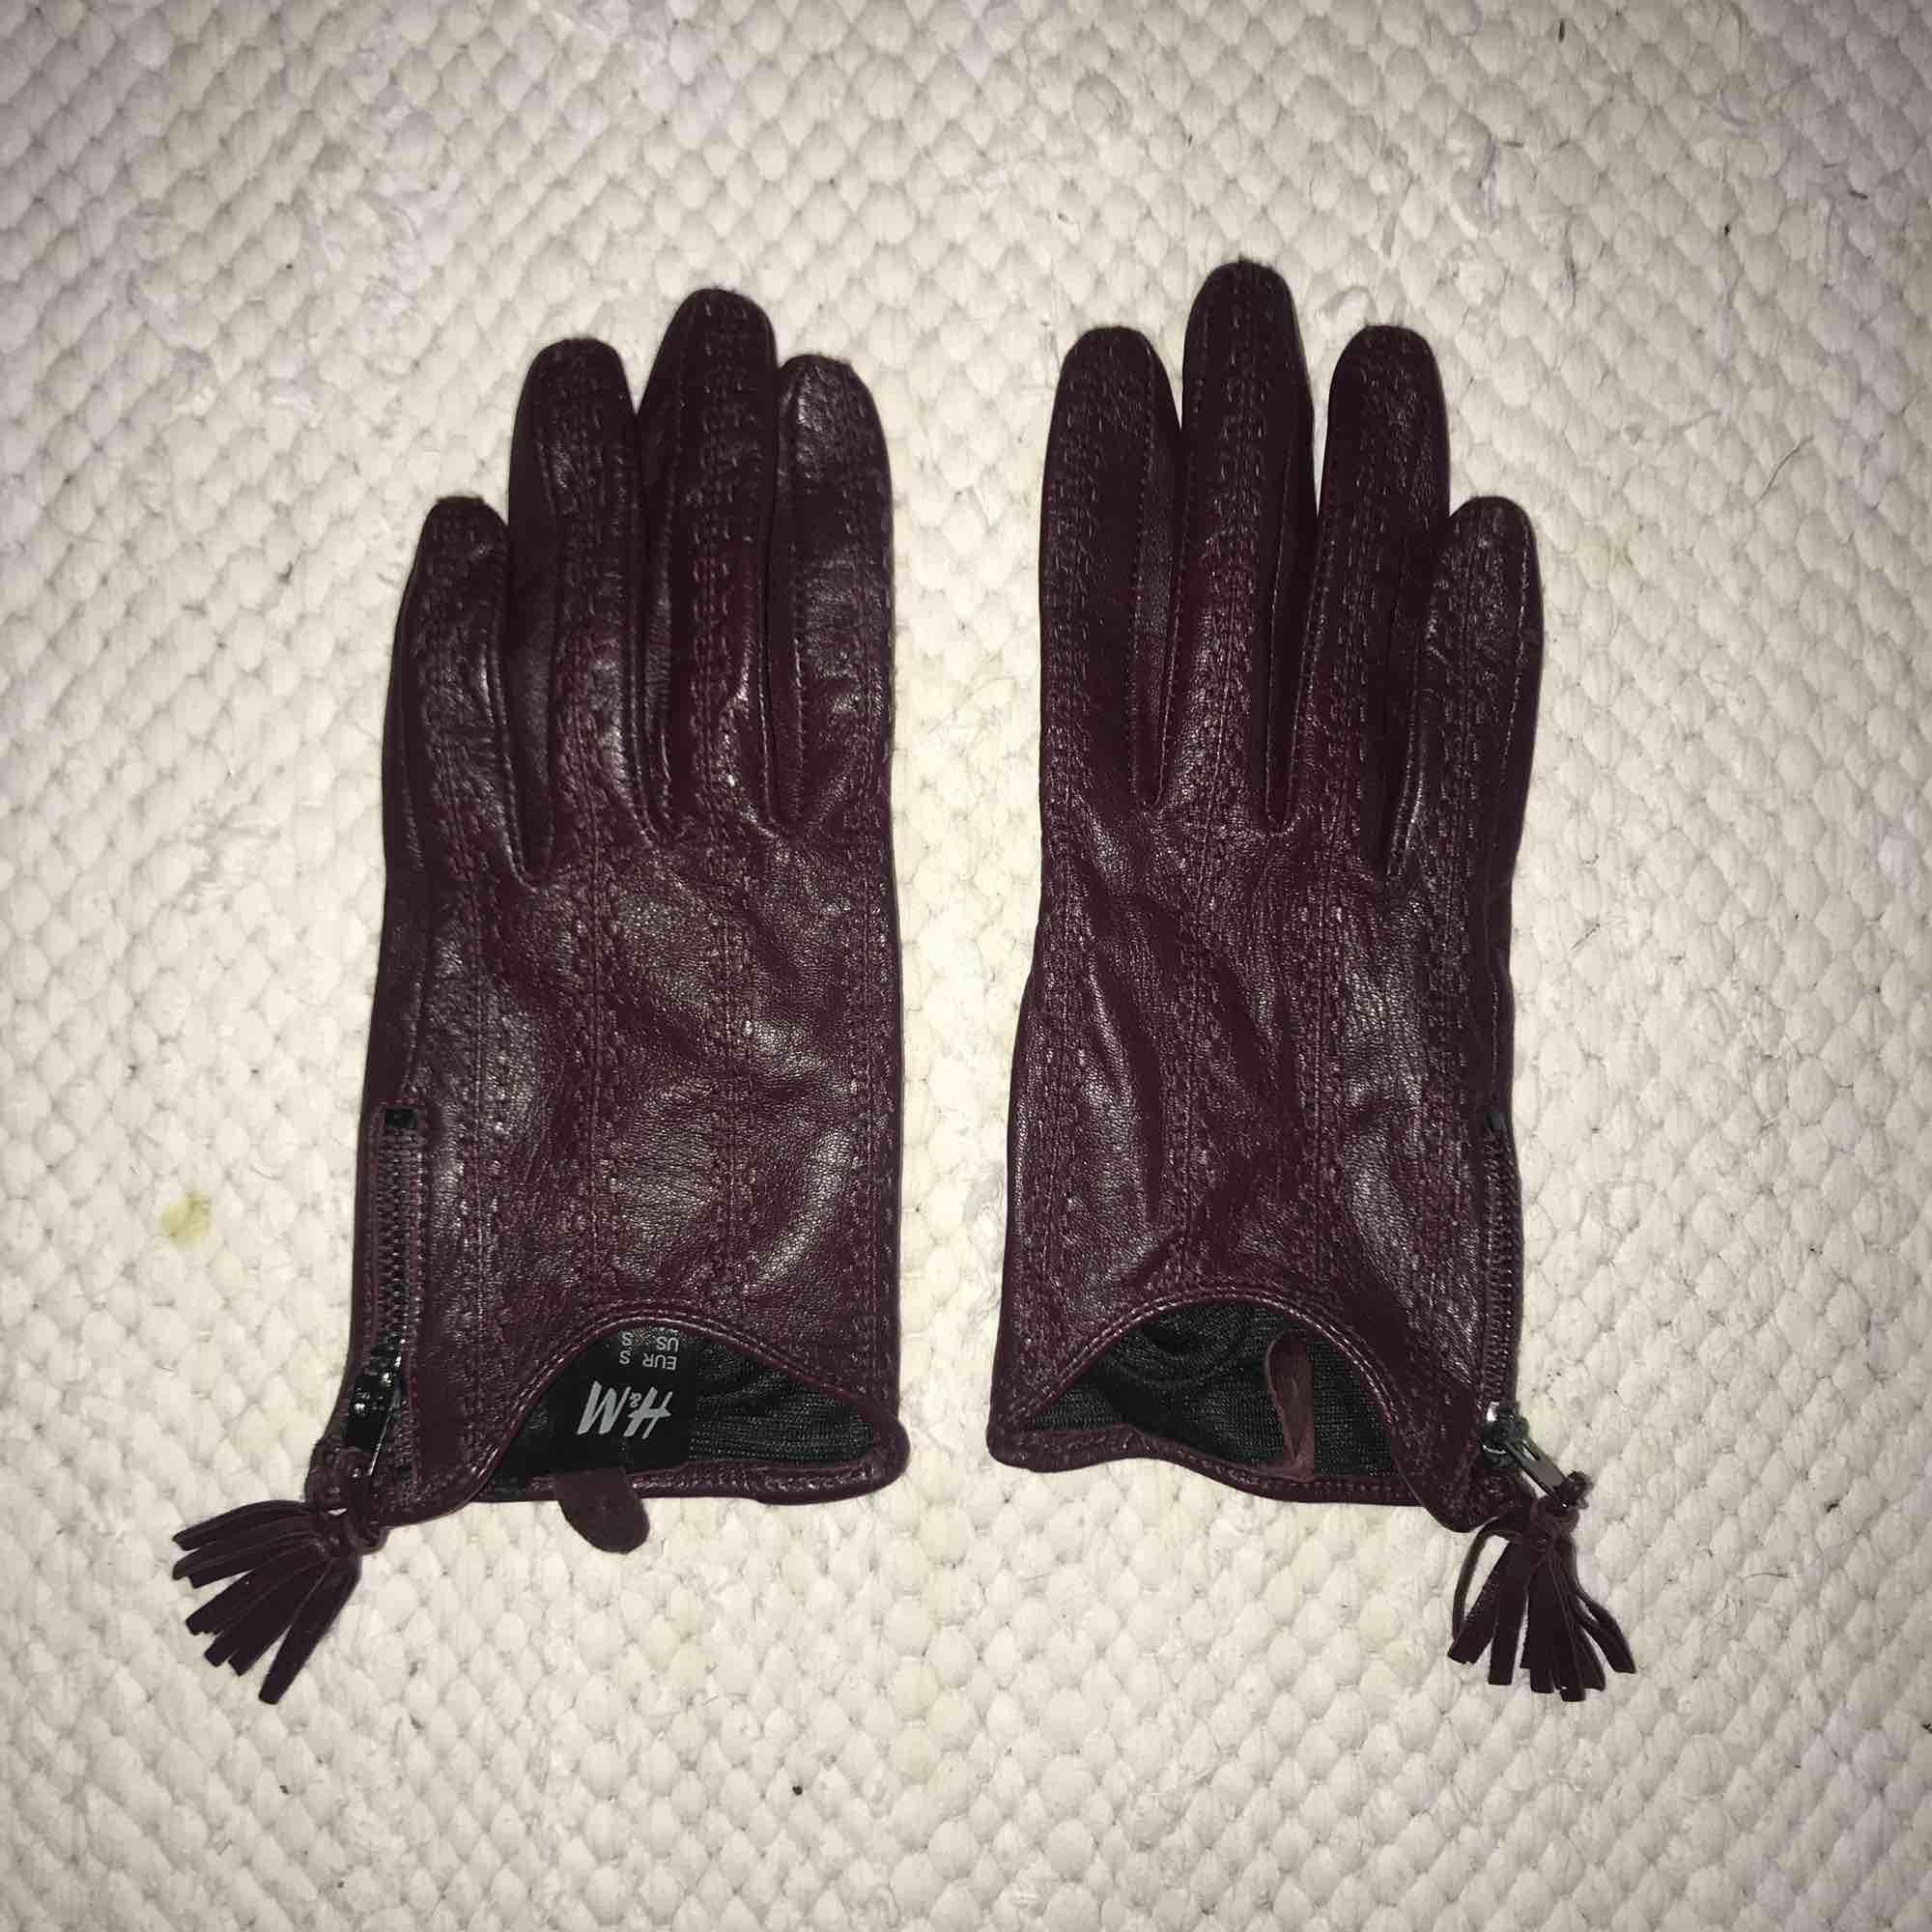 Läderhandskar i färgen burgundy i stl. S från H&M. Accessoarer.